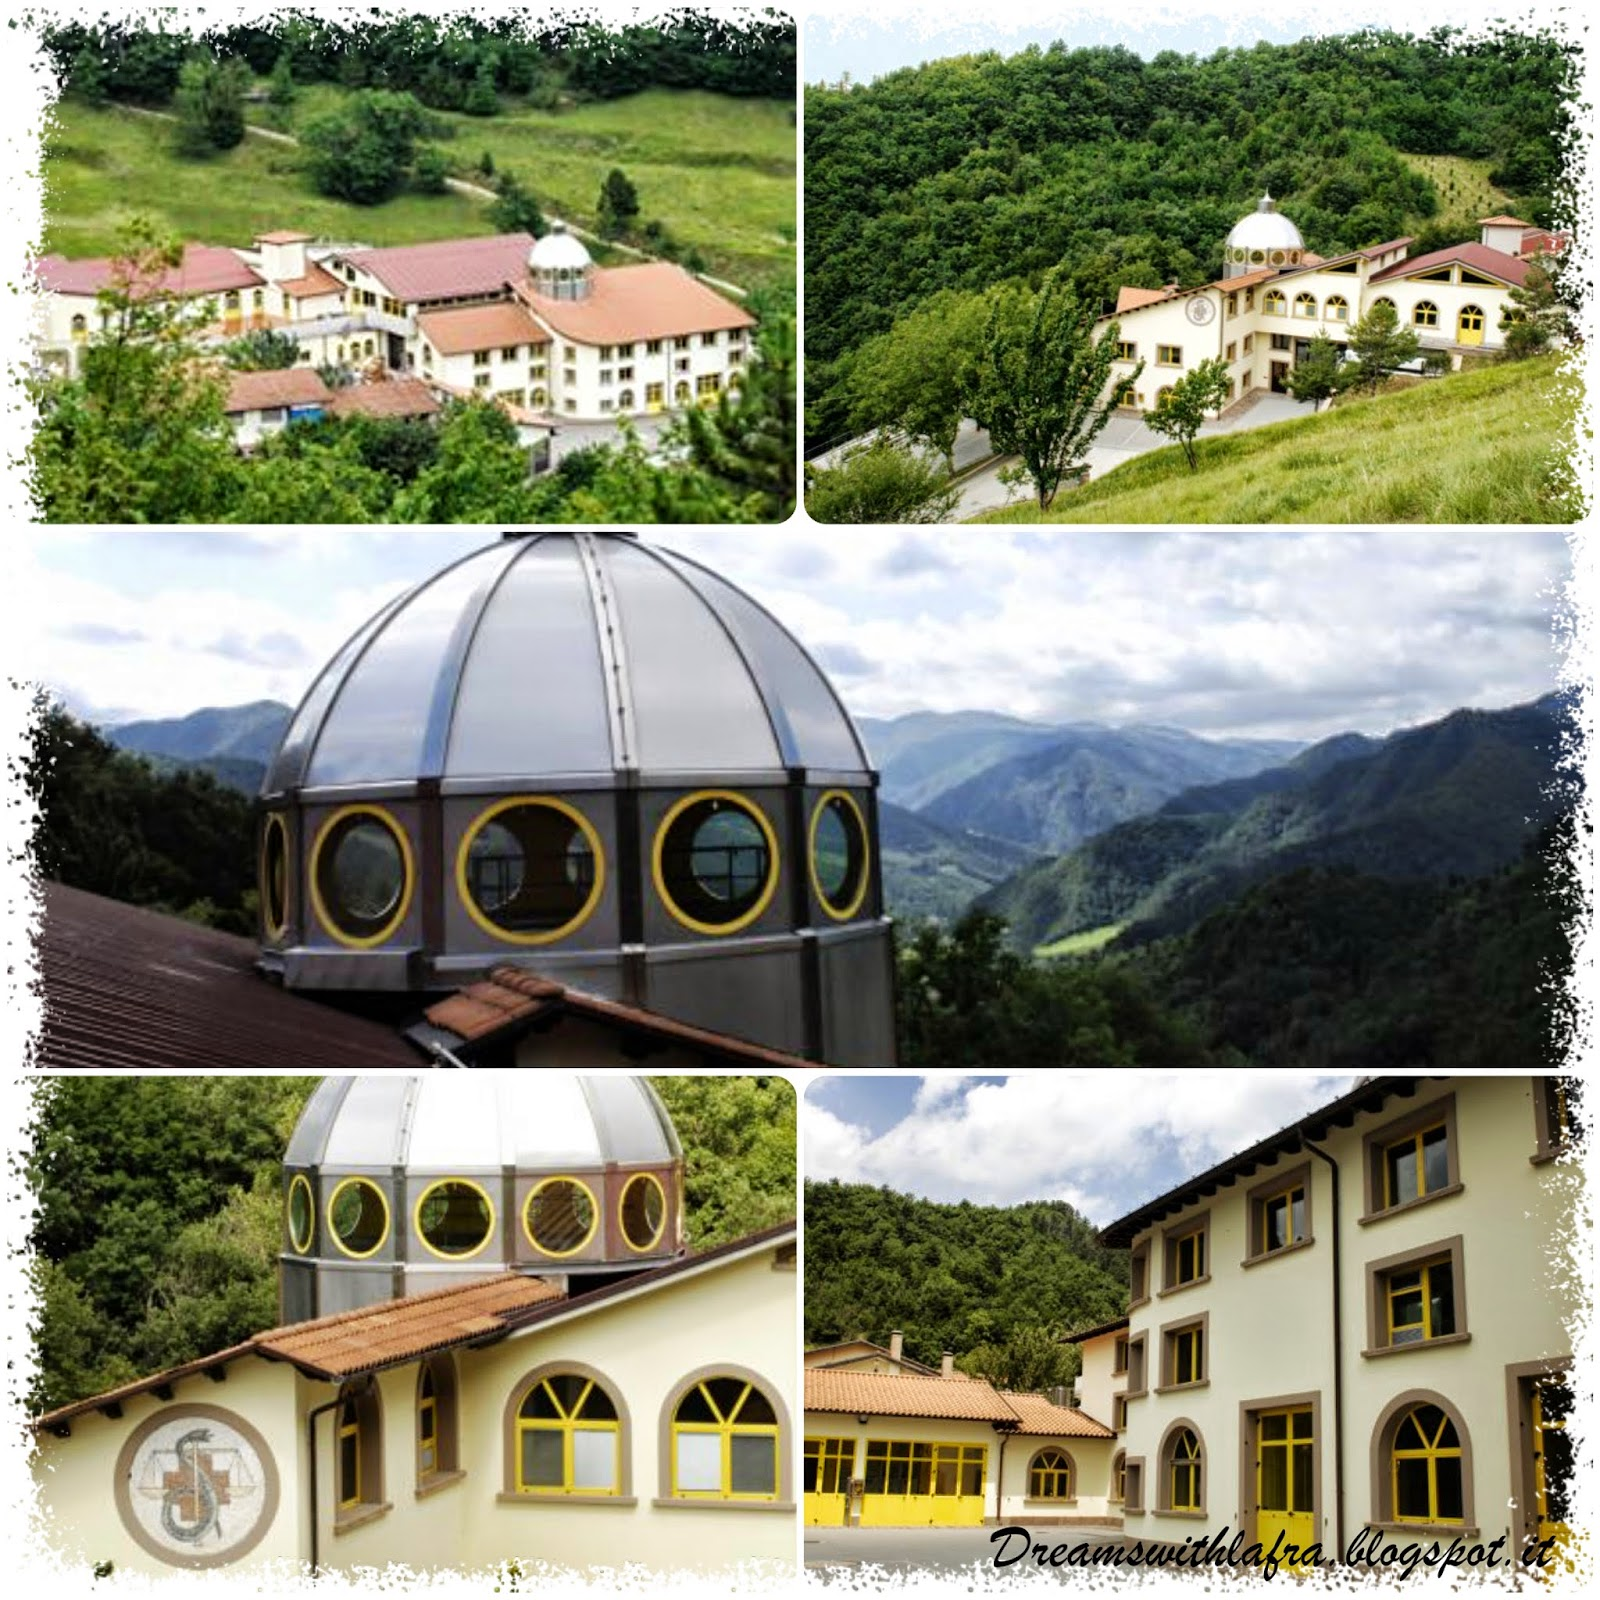 www.drgiorgini.it